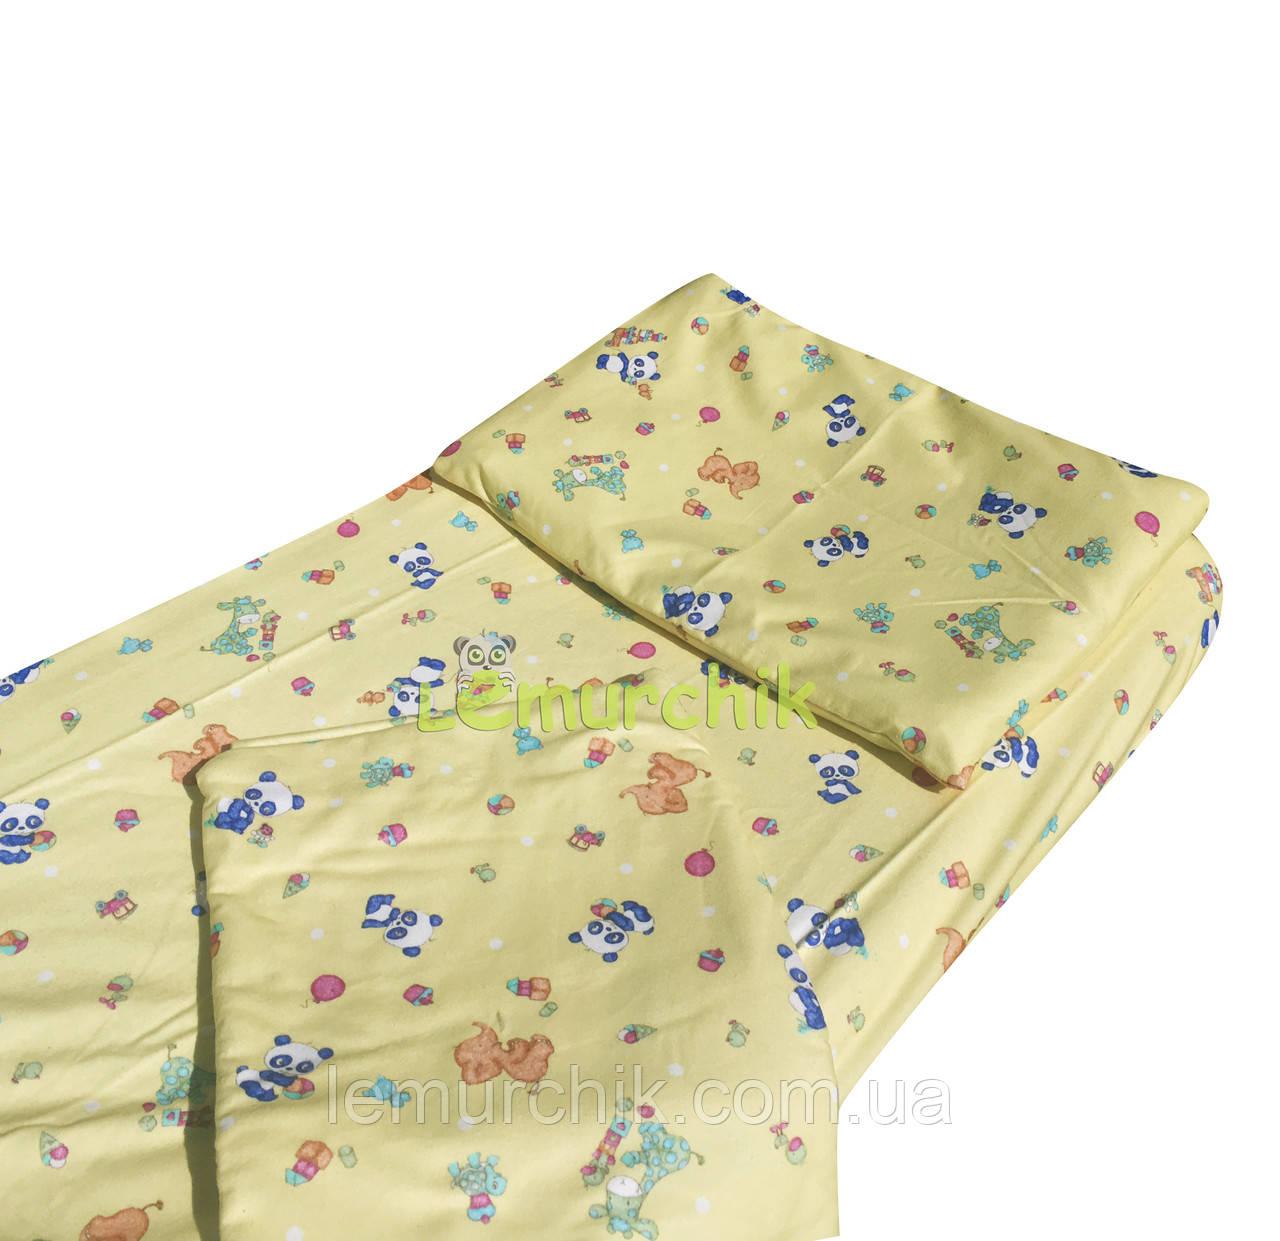 Постільний набір в дитячу ліжечко байковий (3 предмета), Панди жовте